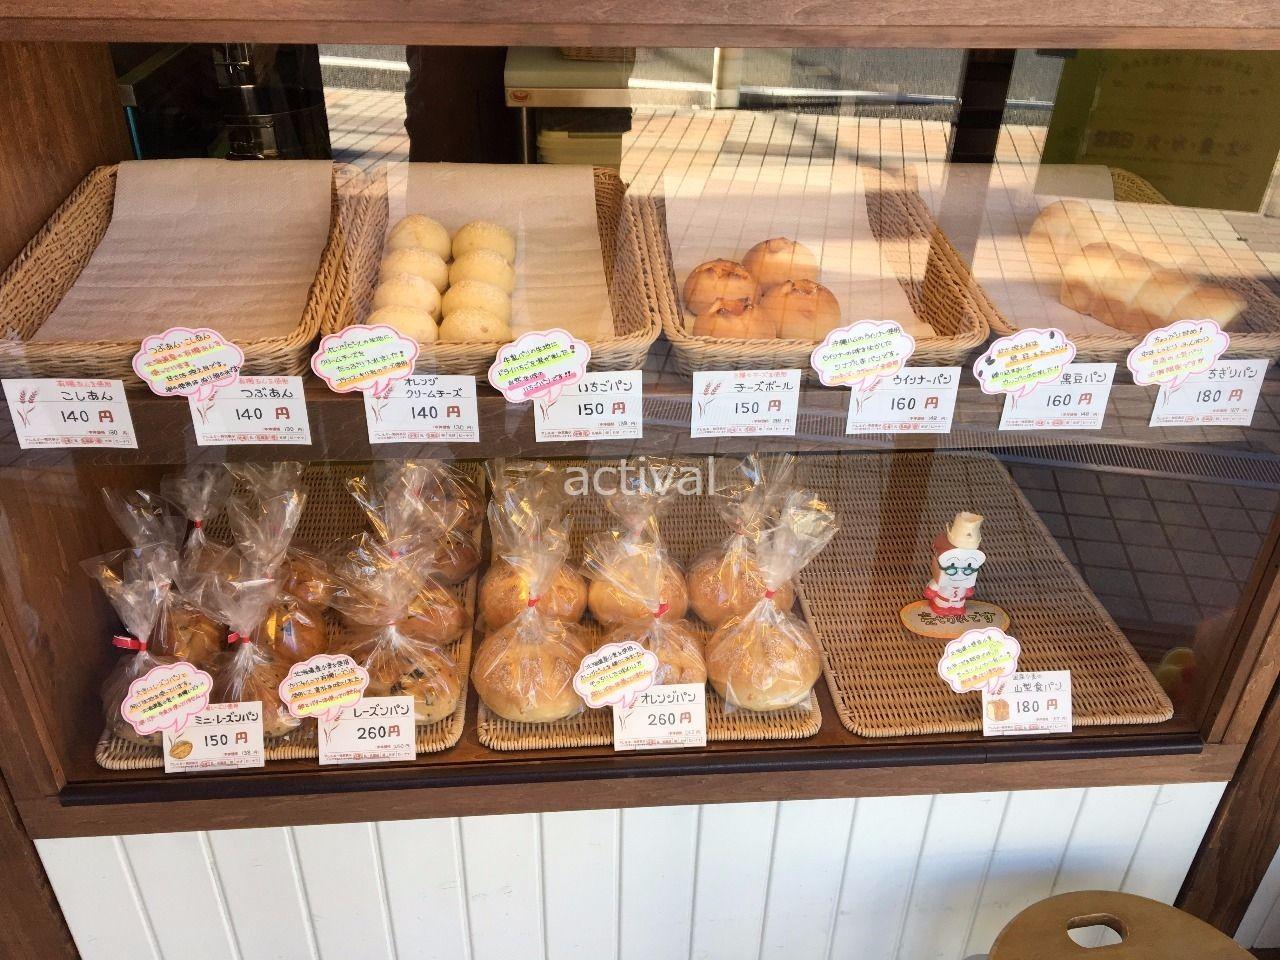 越谷市赤山町にある行列ができるベーカリートミタさんのパン!!